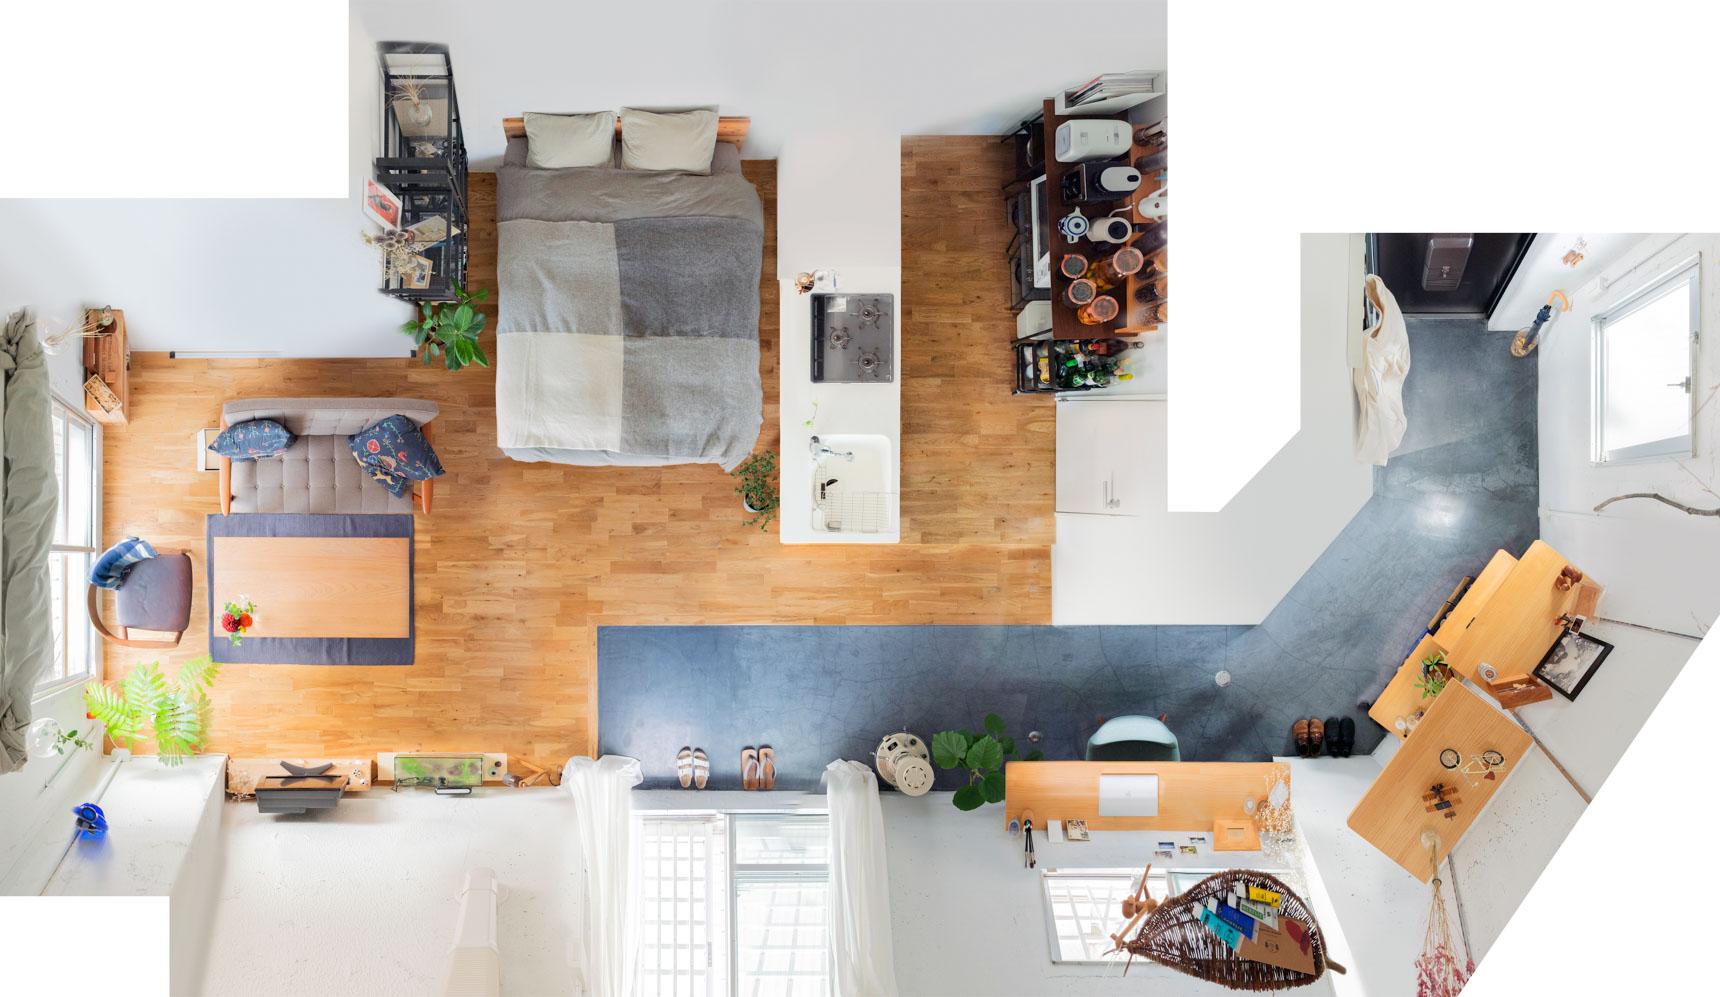 開放的なワンルーム、ベッドを思い切ってキッチンの横に持ってきたレイアウト。ほどよい明るさが落ち着くそう